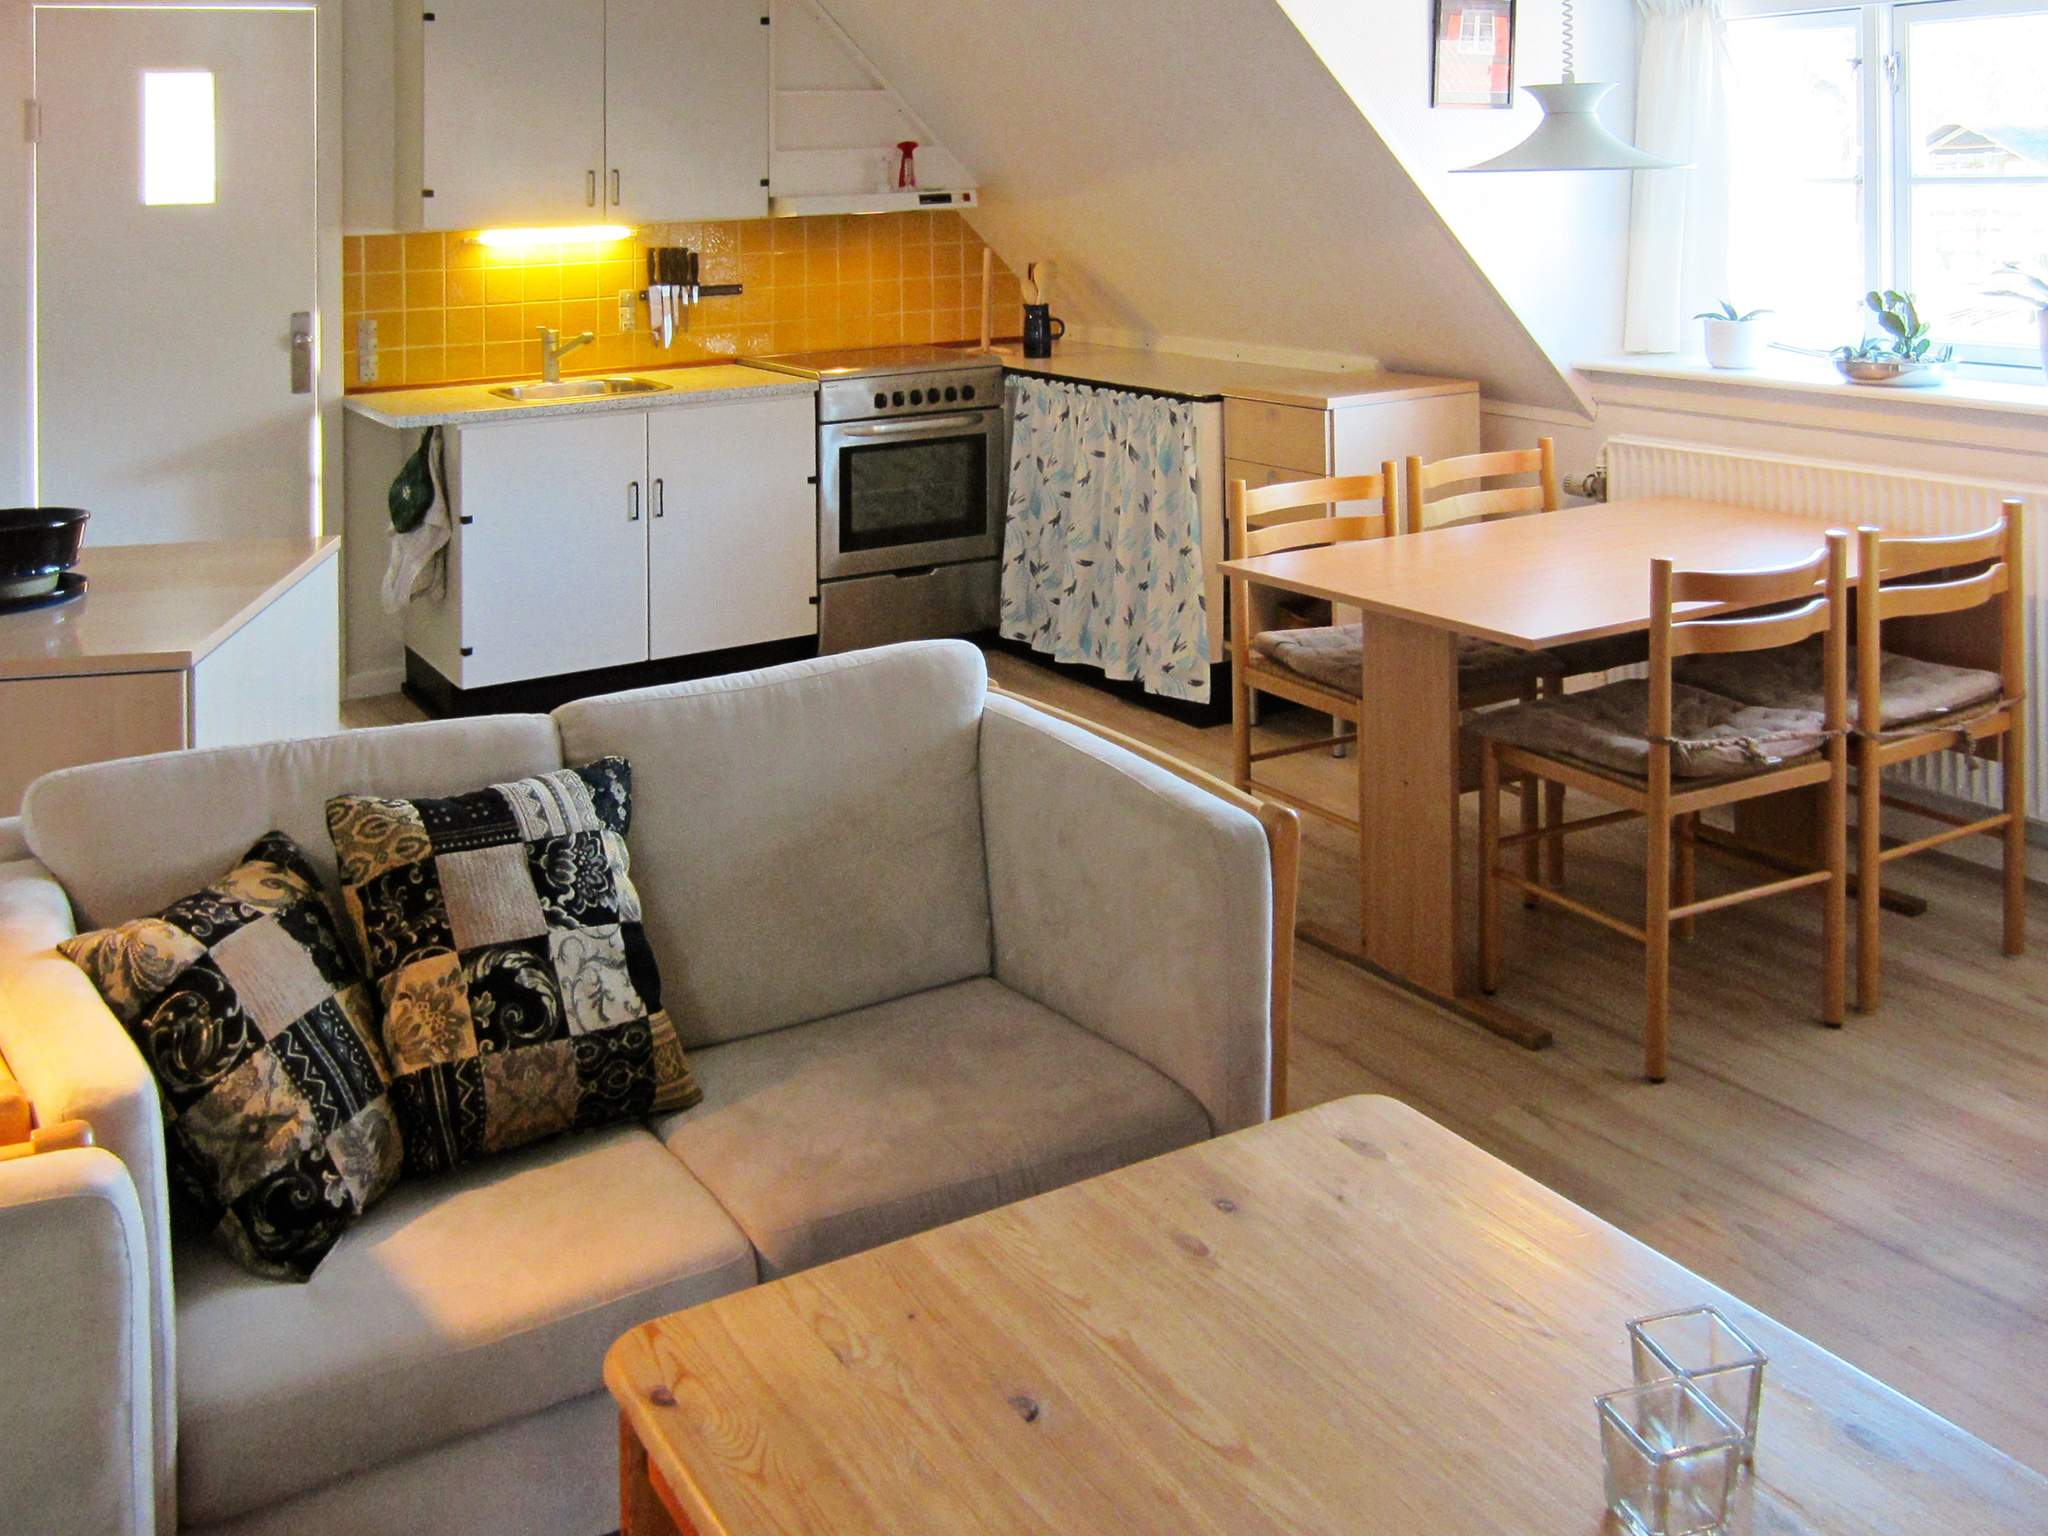 Ferienwohnung Balka Strand (967678), Balke, , Bornholm, Dänemark, Bild 30